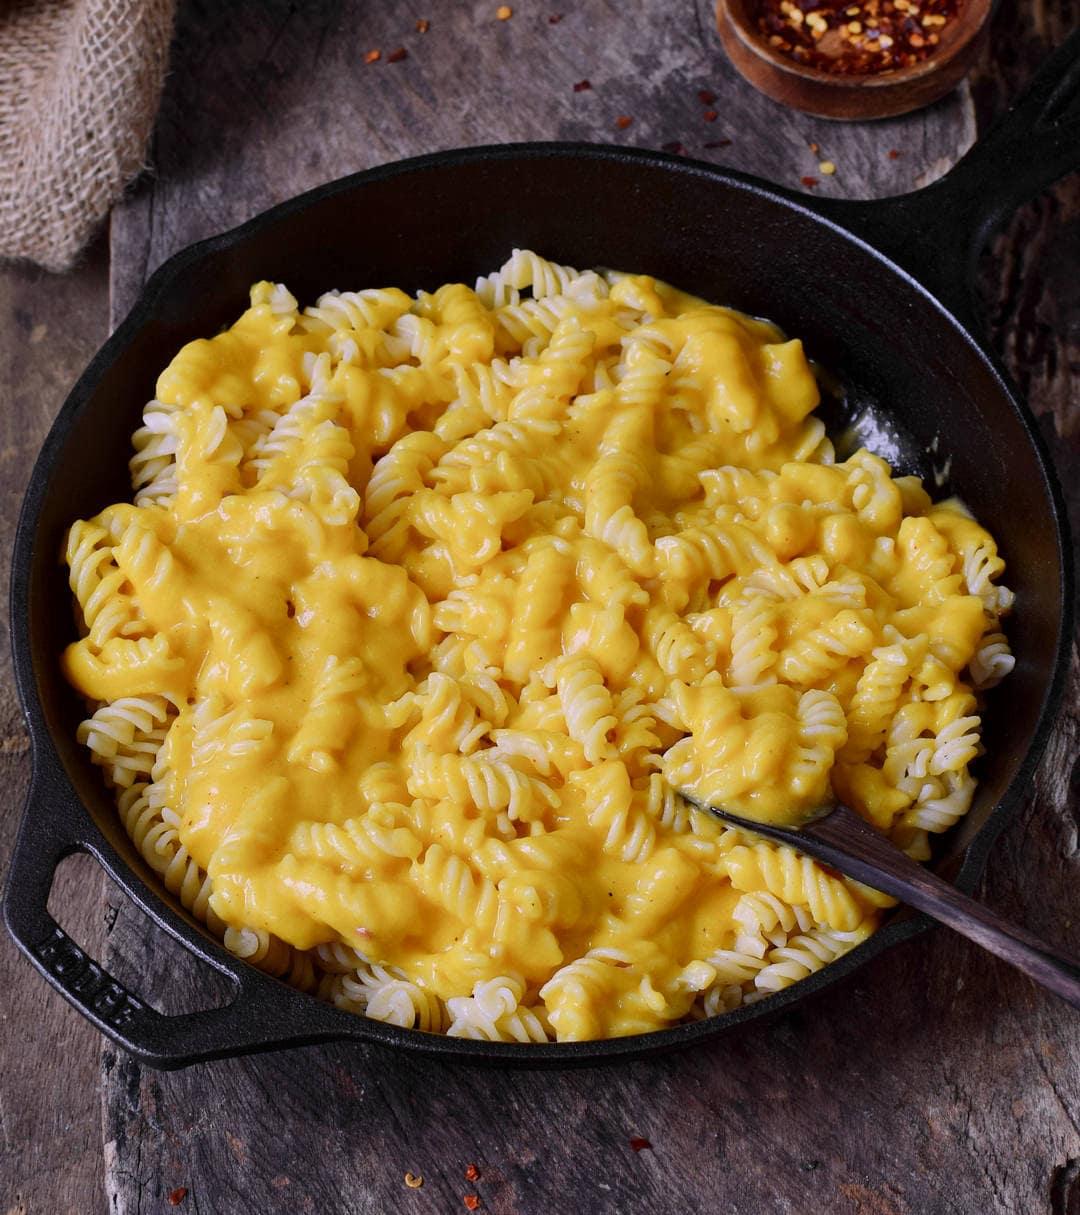 Vegane Käse-Makkaroni in schwarzer Pfanne mit Löffel